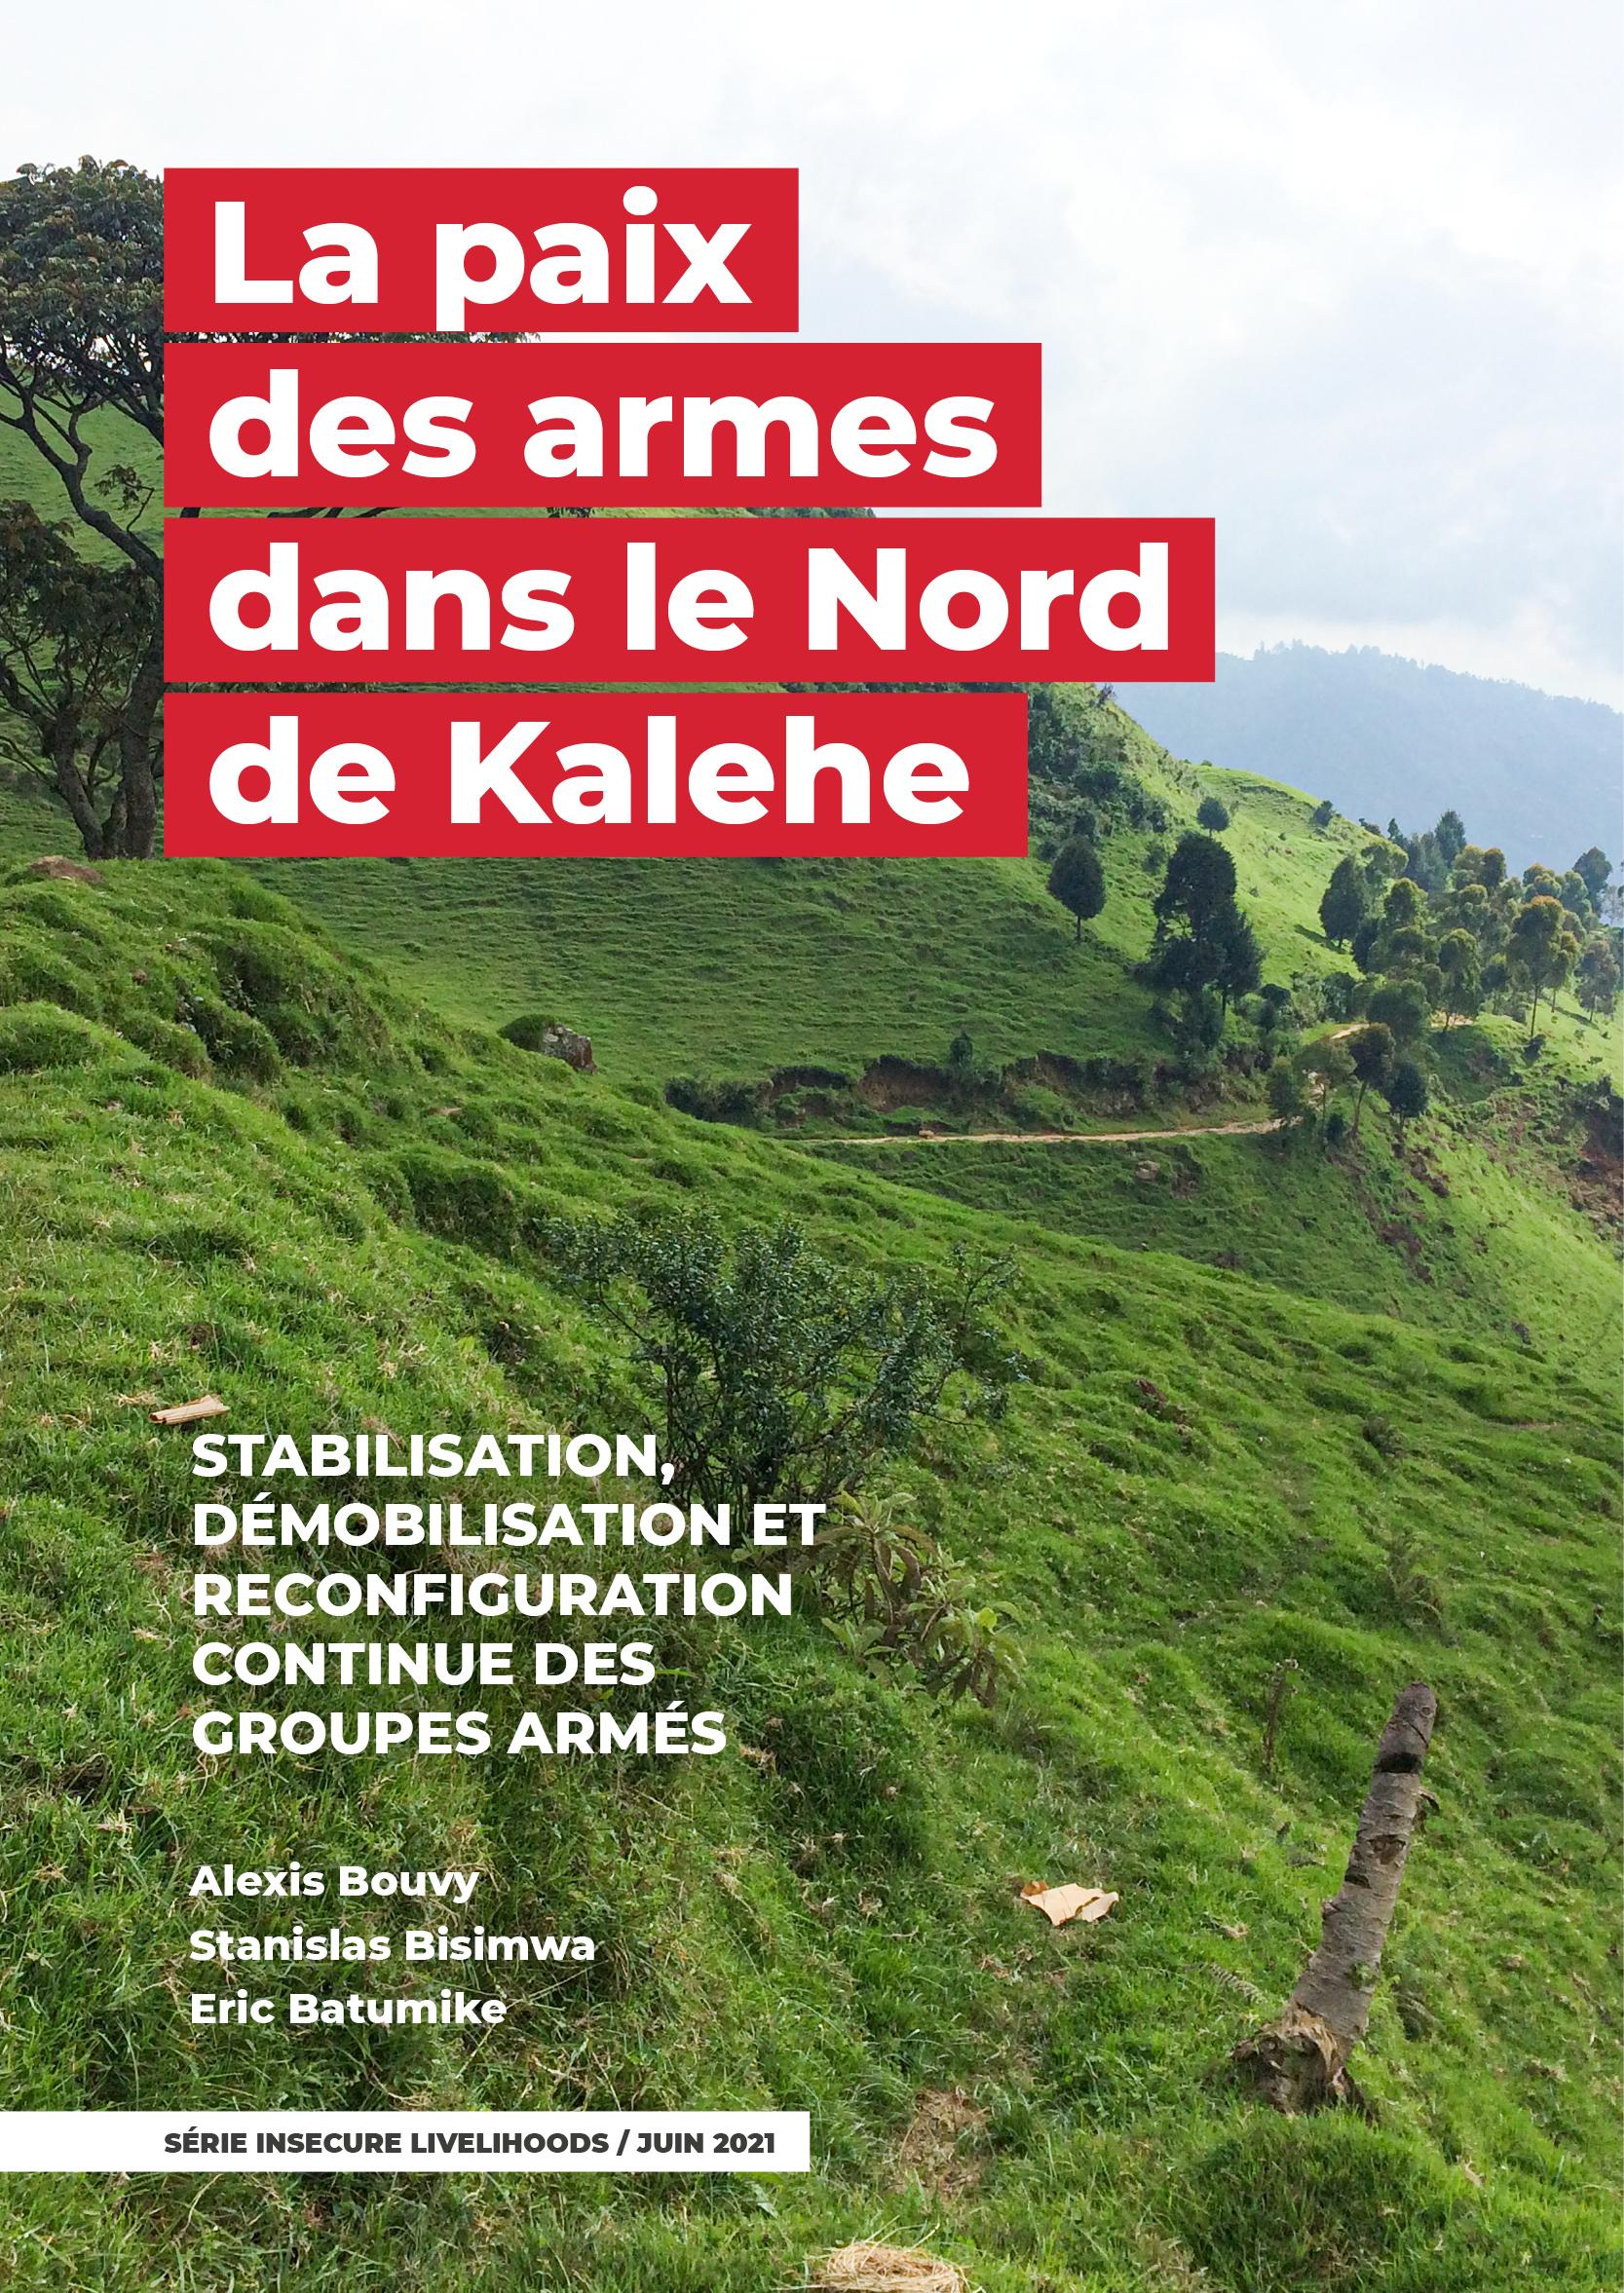 04_GIC_La paix des armes dans le Nord de Kalehe_4